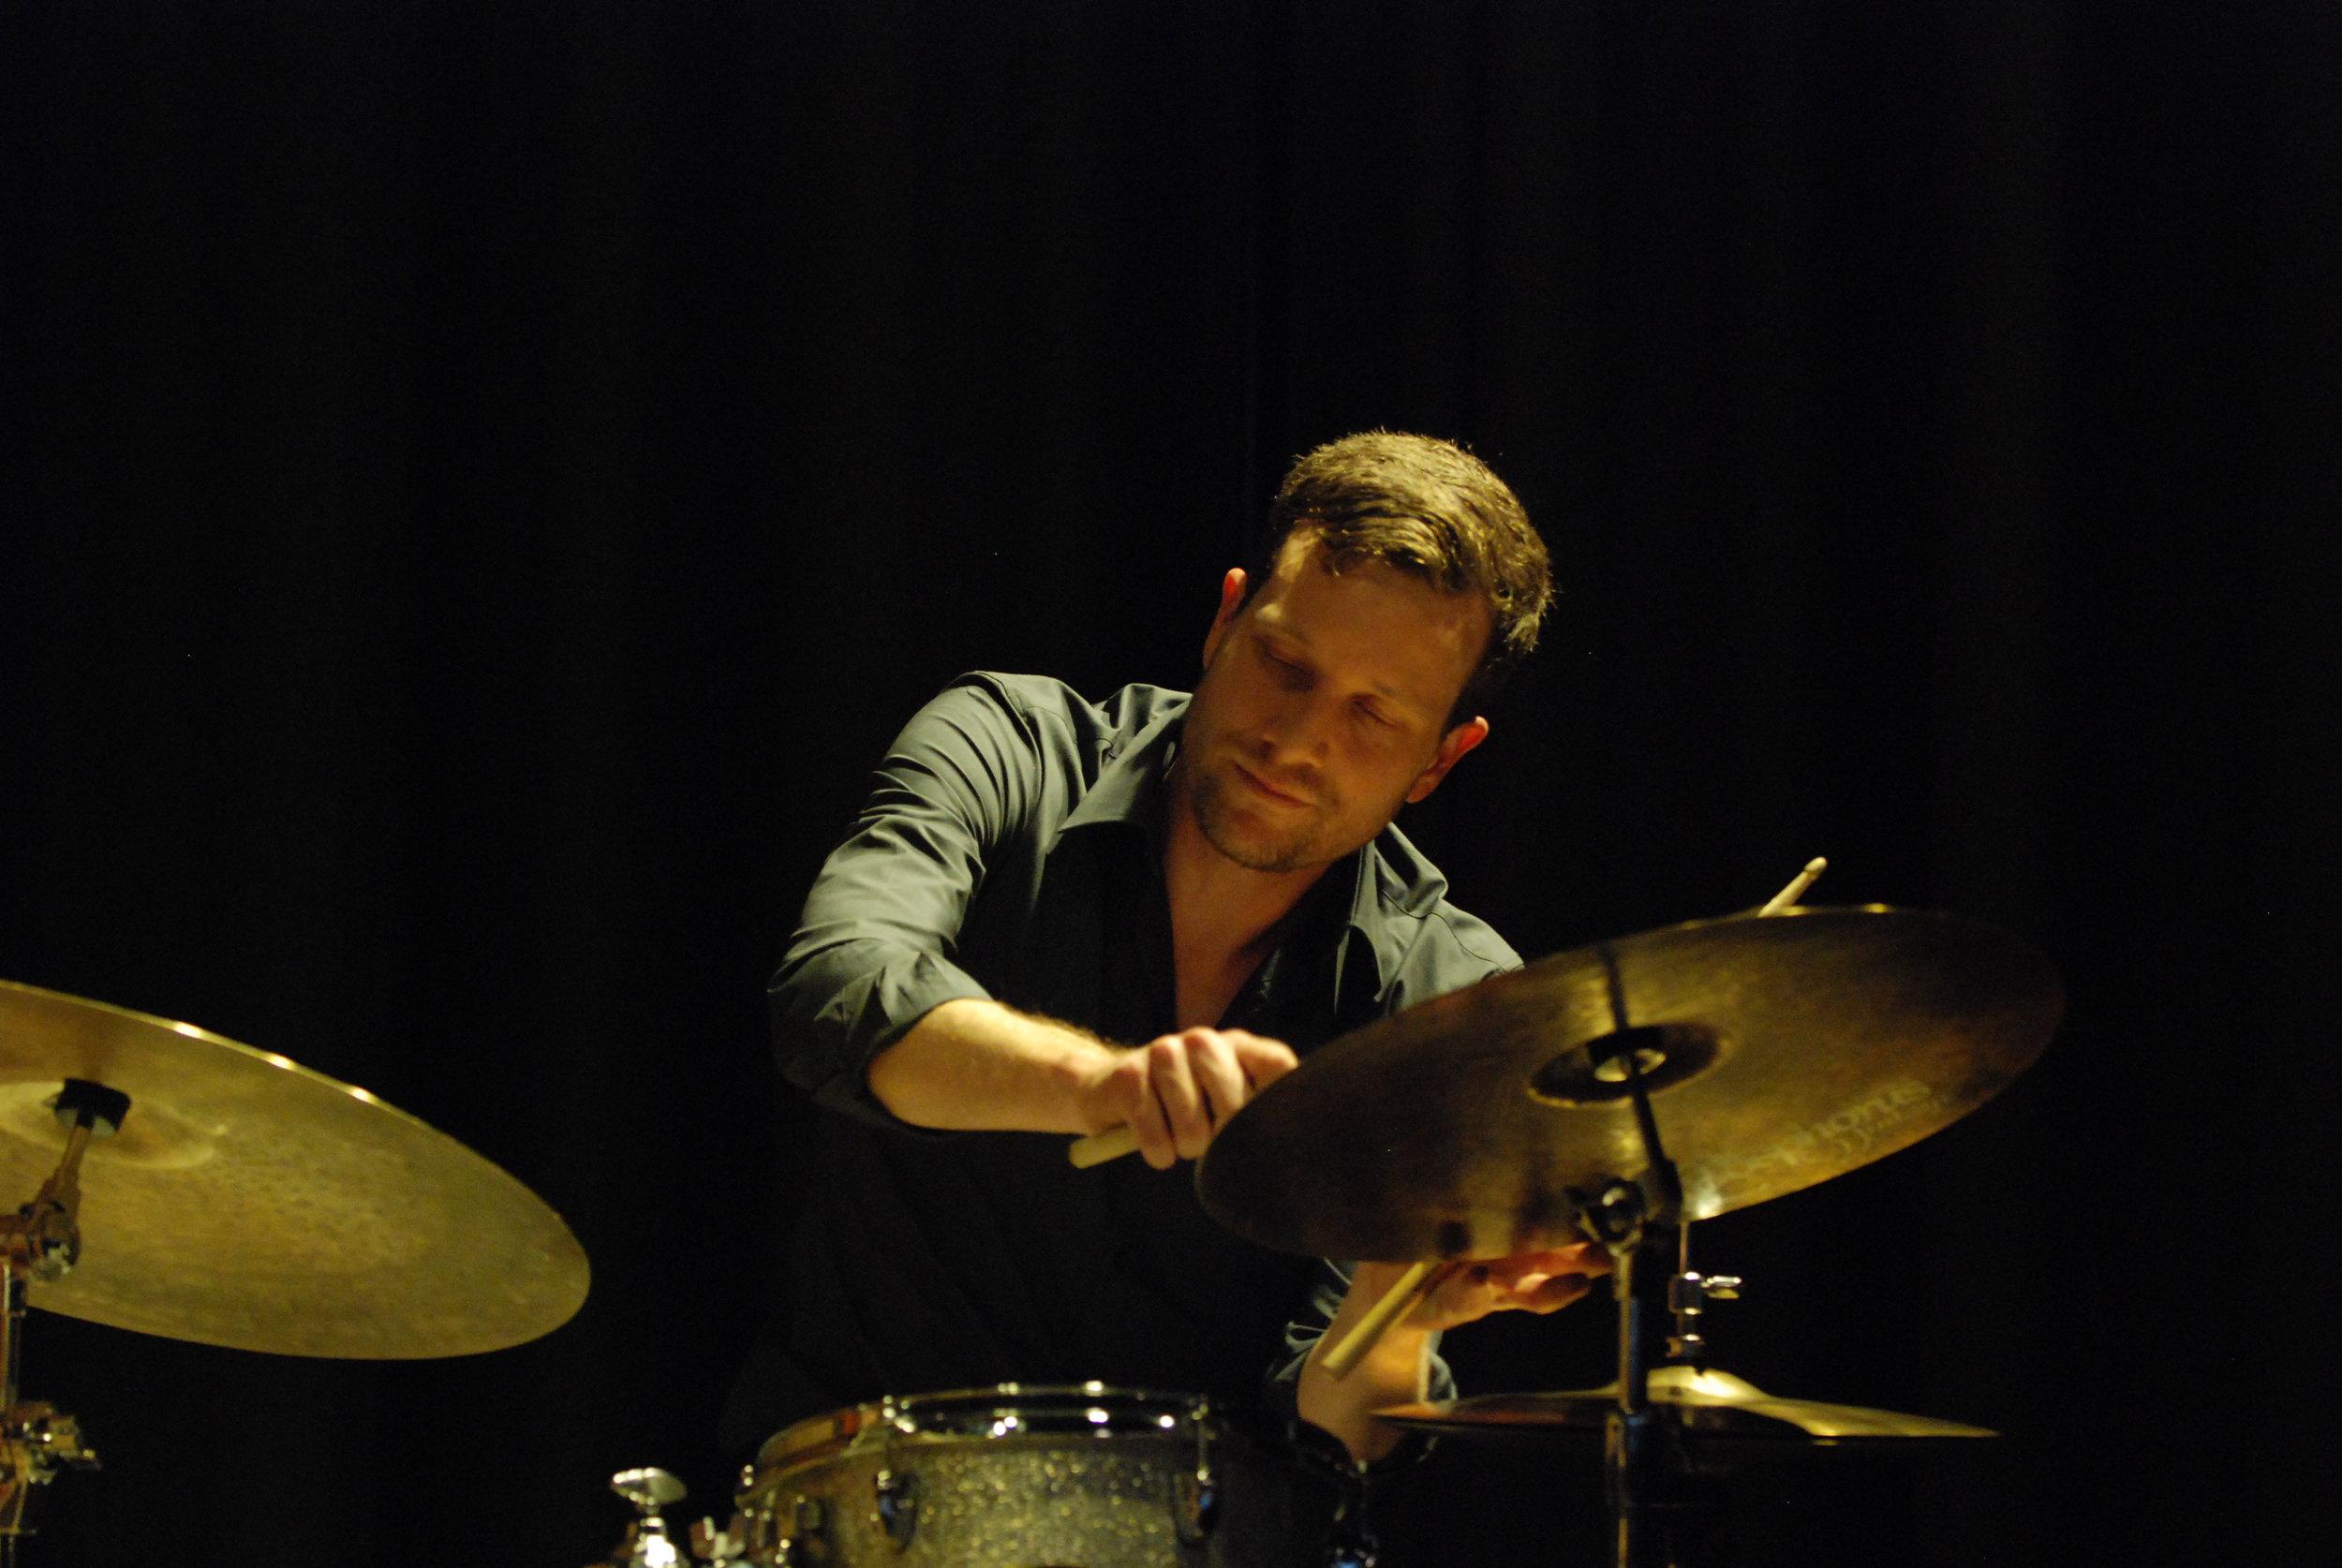 andi wettstein - SchlagzeugHat an der Zürcher Hochschule der Künste und am Musician Institute in Los Angeles studiert. Auch er hat eine rege Live-Tätigkeit vorzuweisen und lebt in Zürich.